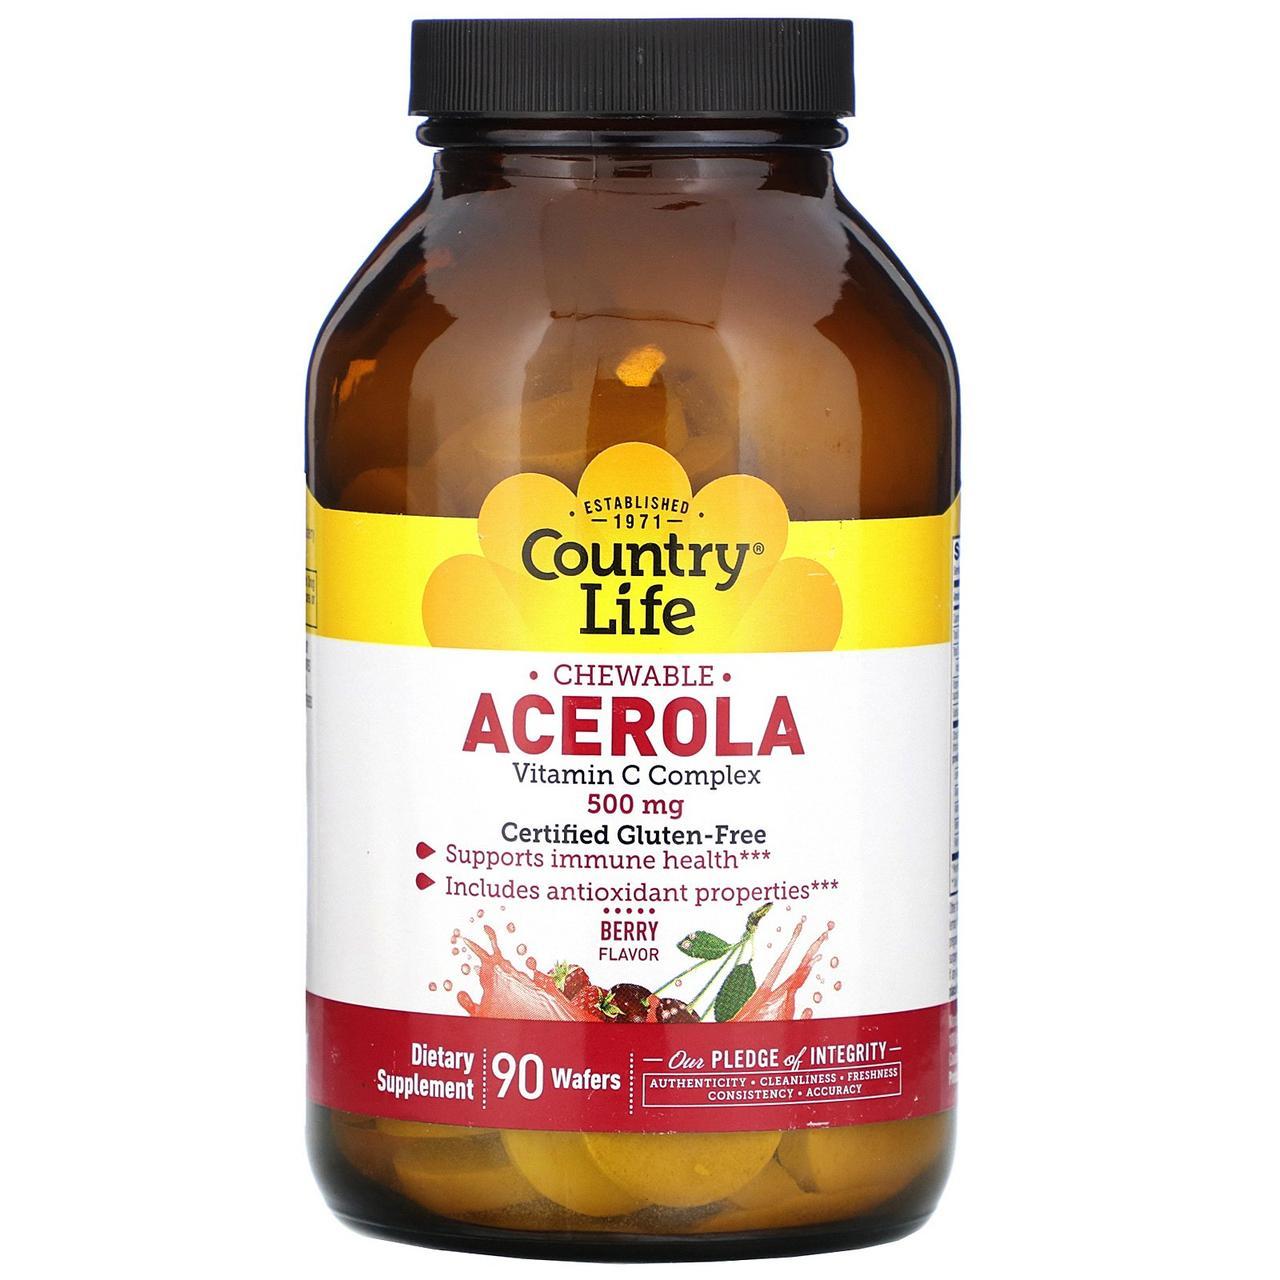 Жевательный витамин C Ацерола от Country Life, вкус ягоды, 500 мг, 90 пастилок